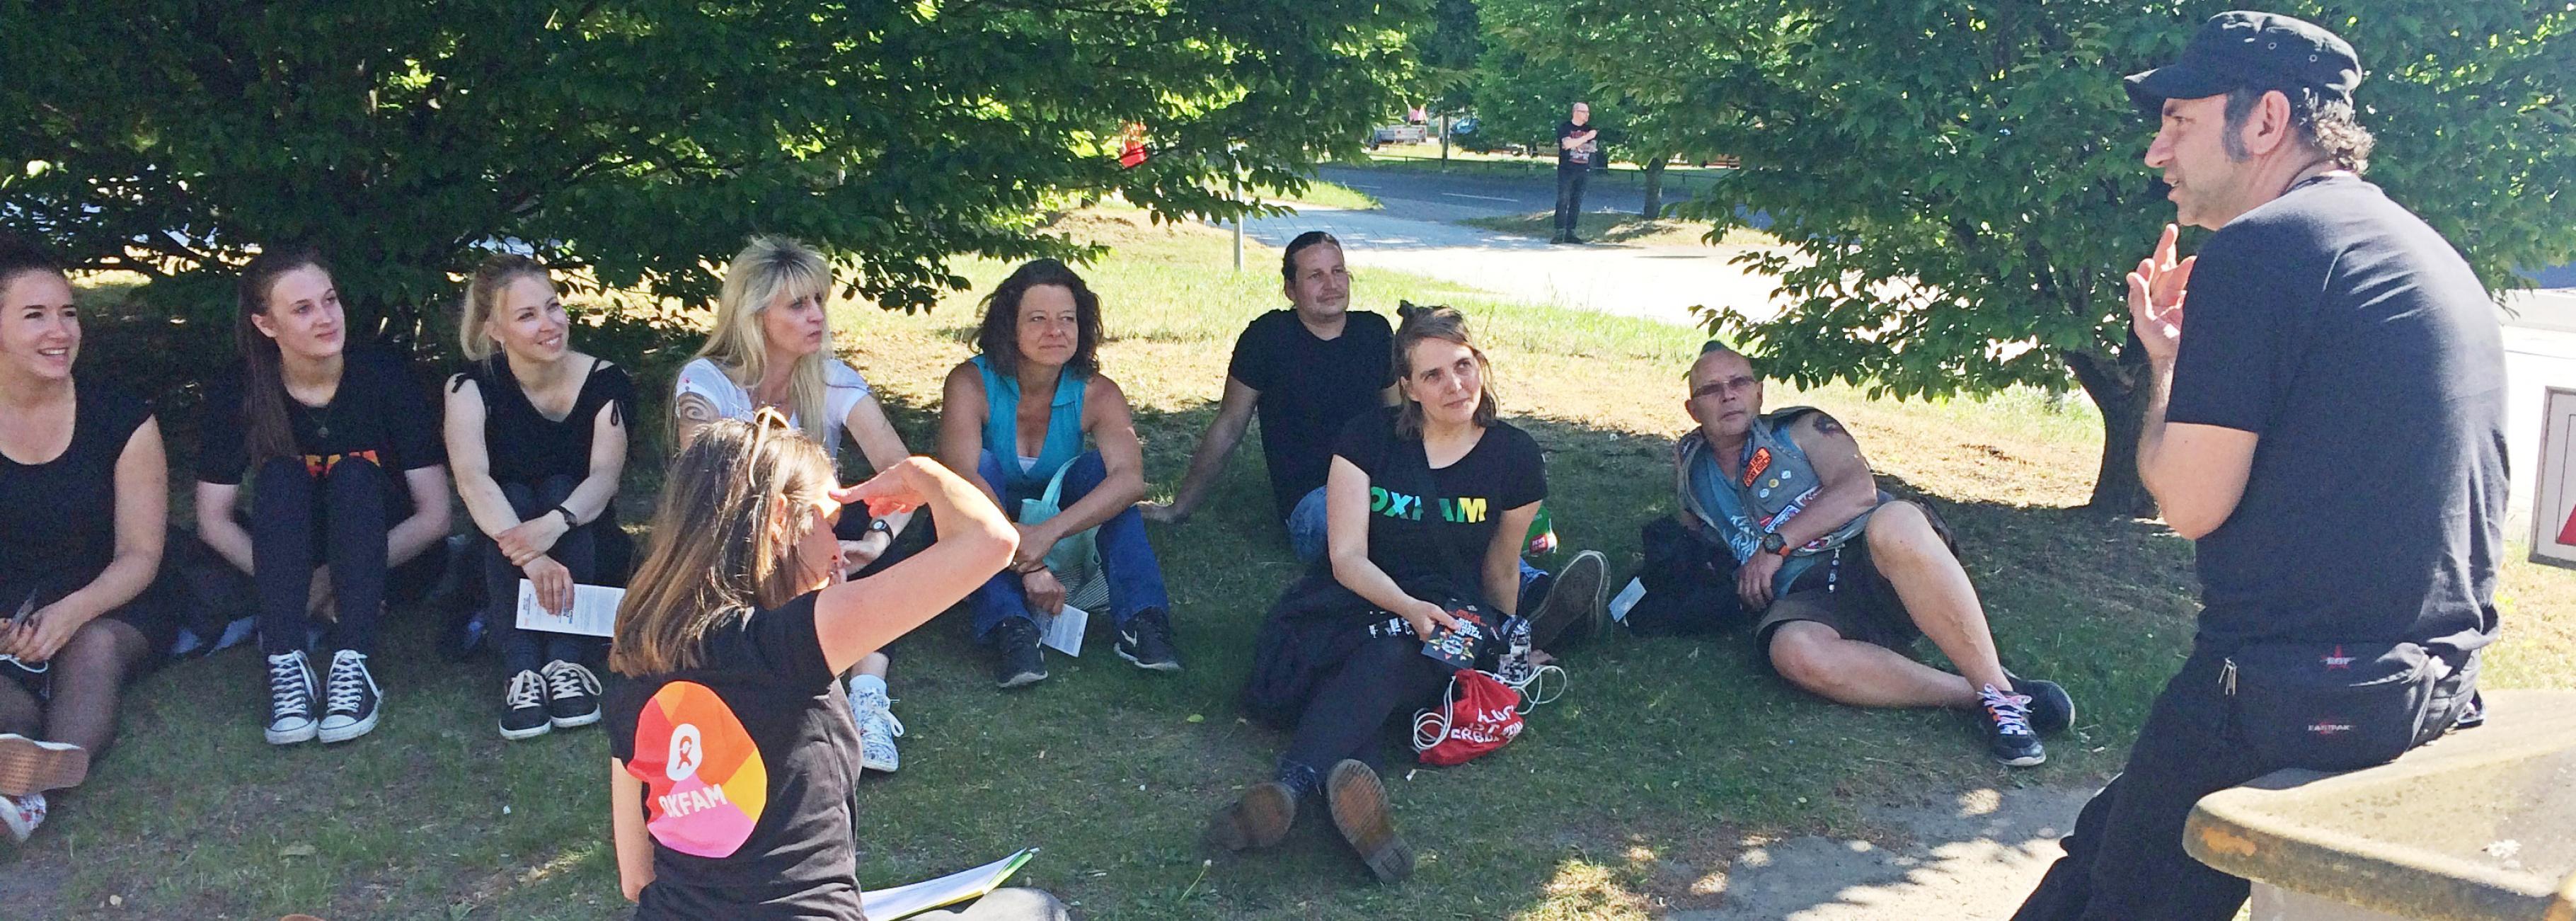 Eine Gruppe Konzertaktivist/innen sitzt im Schatten von Bäumen, während Ole Plogstedt erzählt